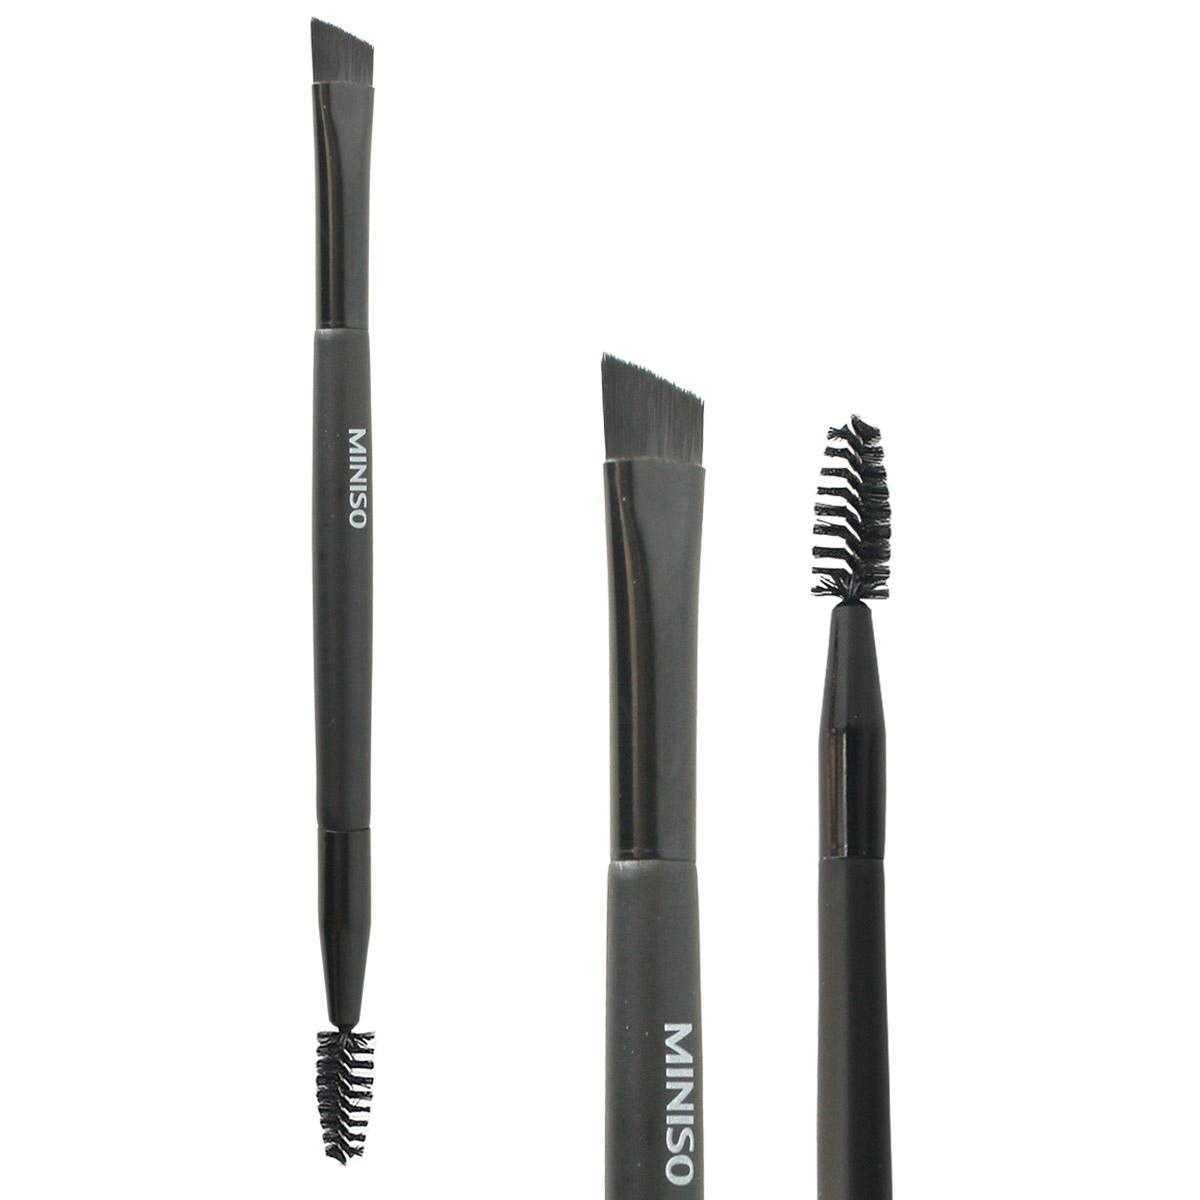 Cọ kẻ lông mày 2 đầu Nhật Bản chuyên nghiệp MINISO DUAL END EYEBROW BRUSH tạo dáng lông mày cong và sắc nét chính hãng - MNS095